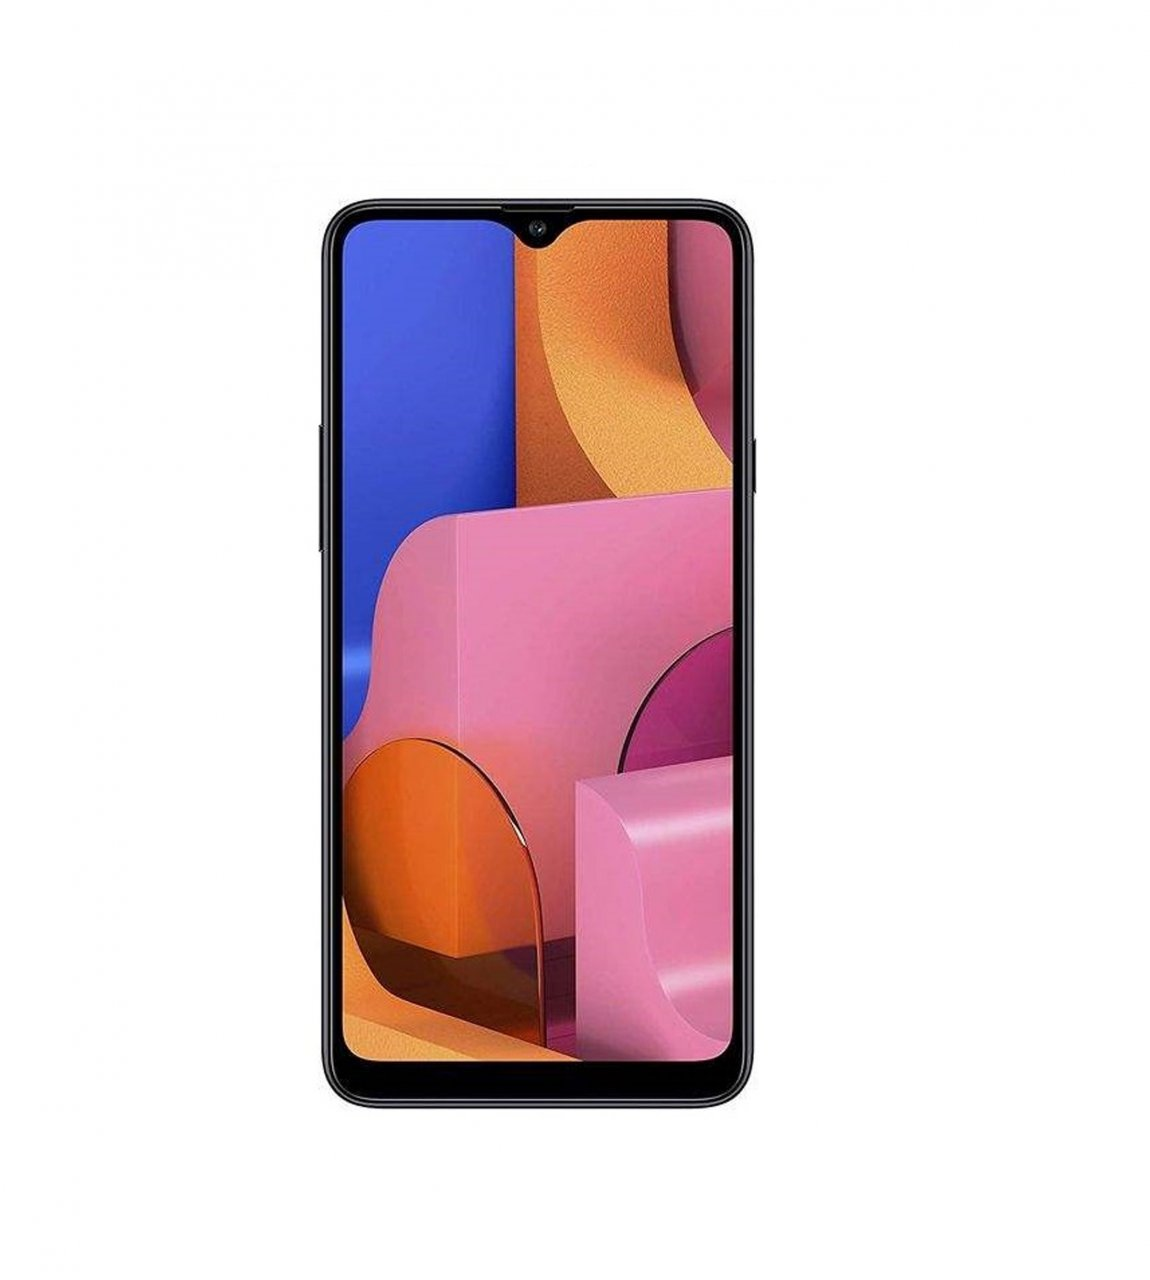 گوشی موبایل سامسونگ مدلGalaxy A20s دو سیم کارت ظرفیت 32 گیگابایت